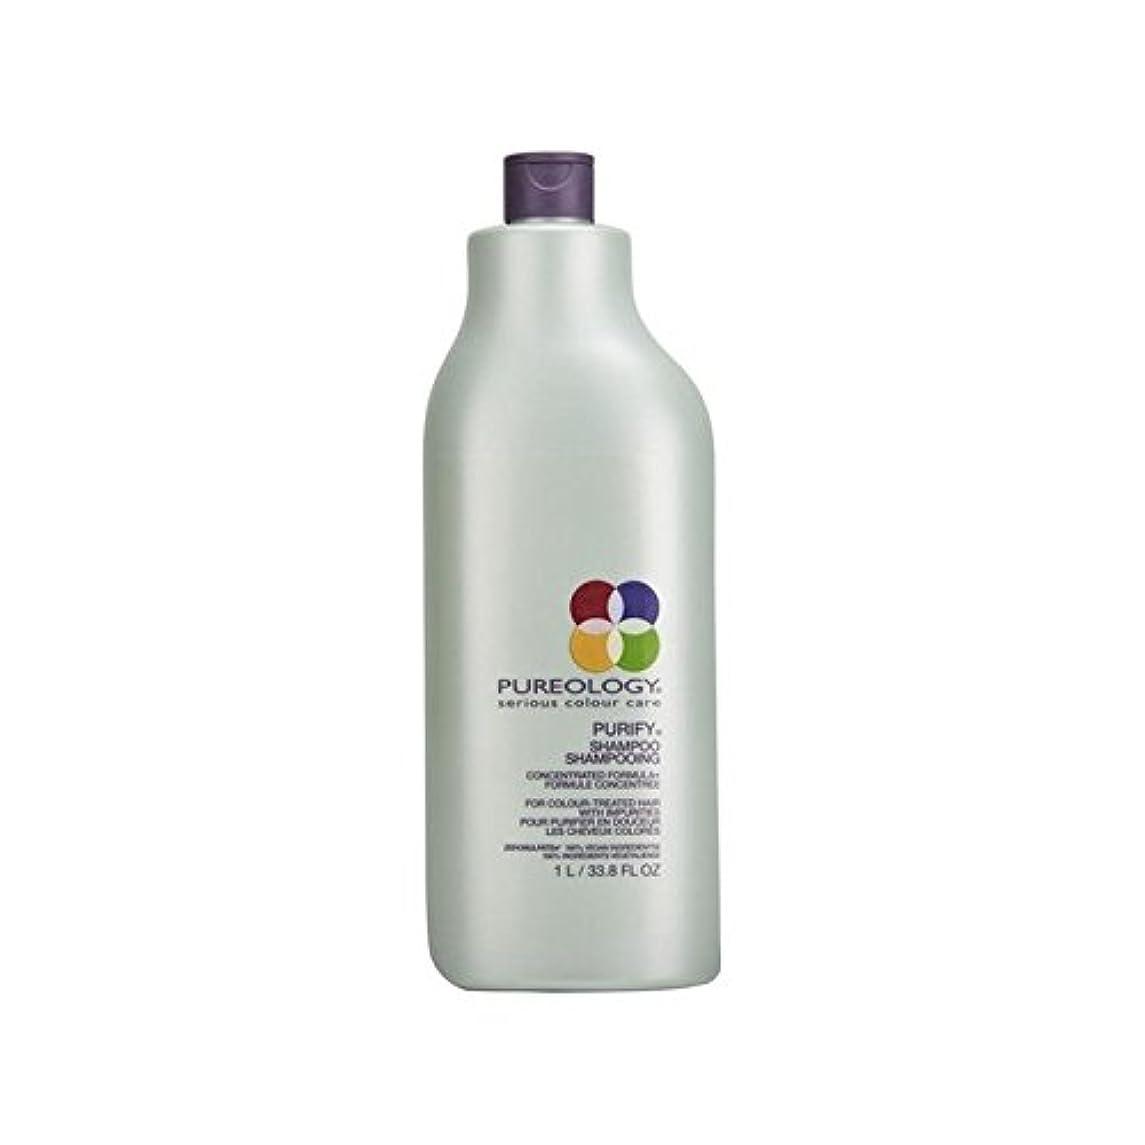 キリスト子猫ベーカリーののシャンプー(千ミリリットル) x4 - Pureology Purify Shampoo (1000ml) (Pack of 4) [並行輸入品]